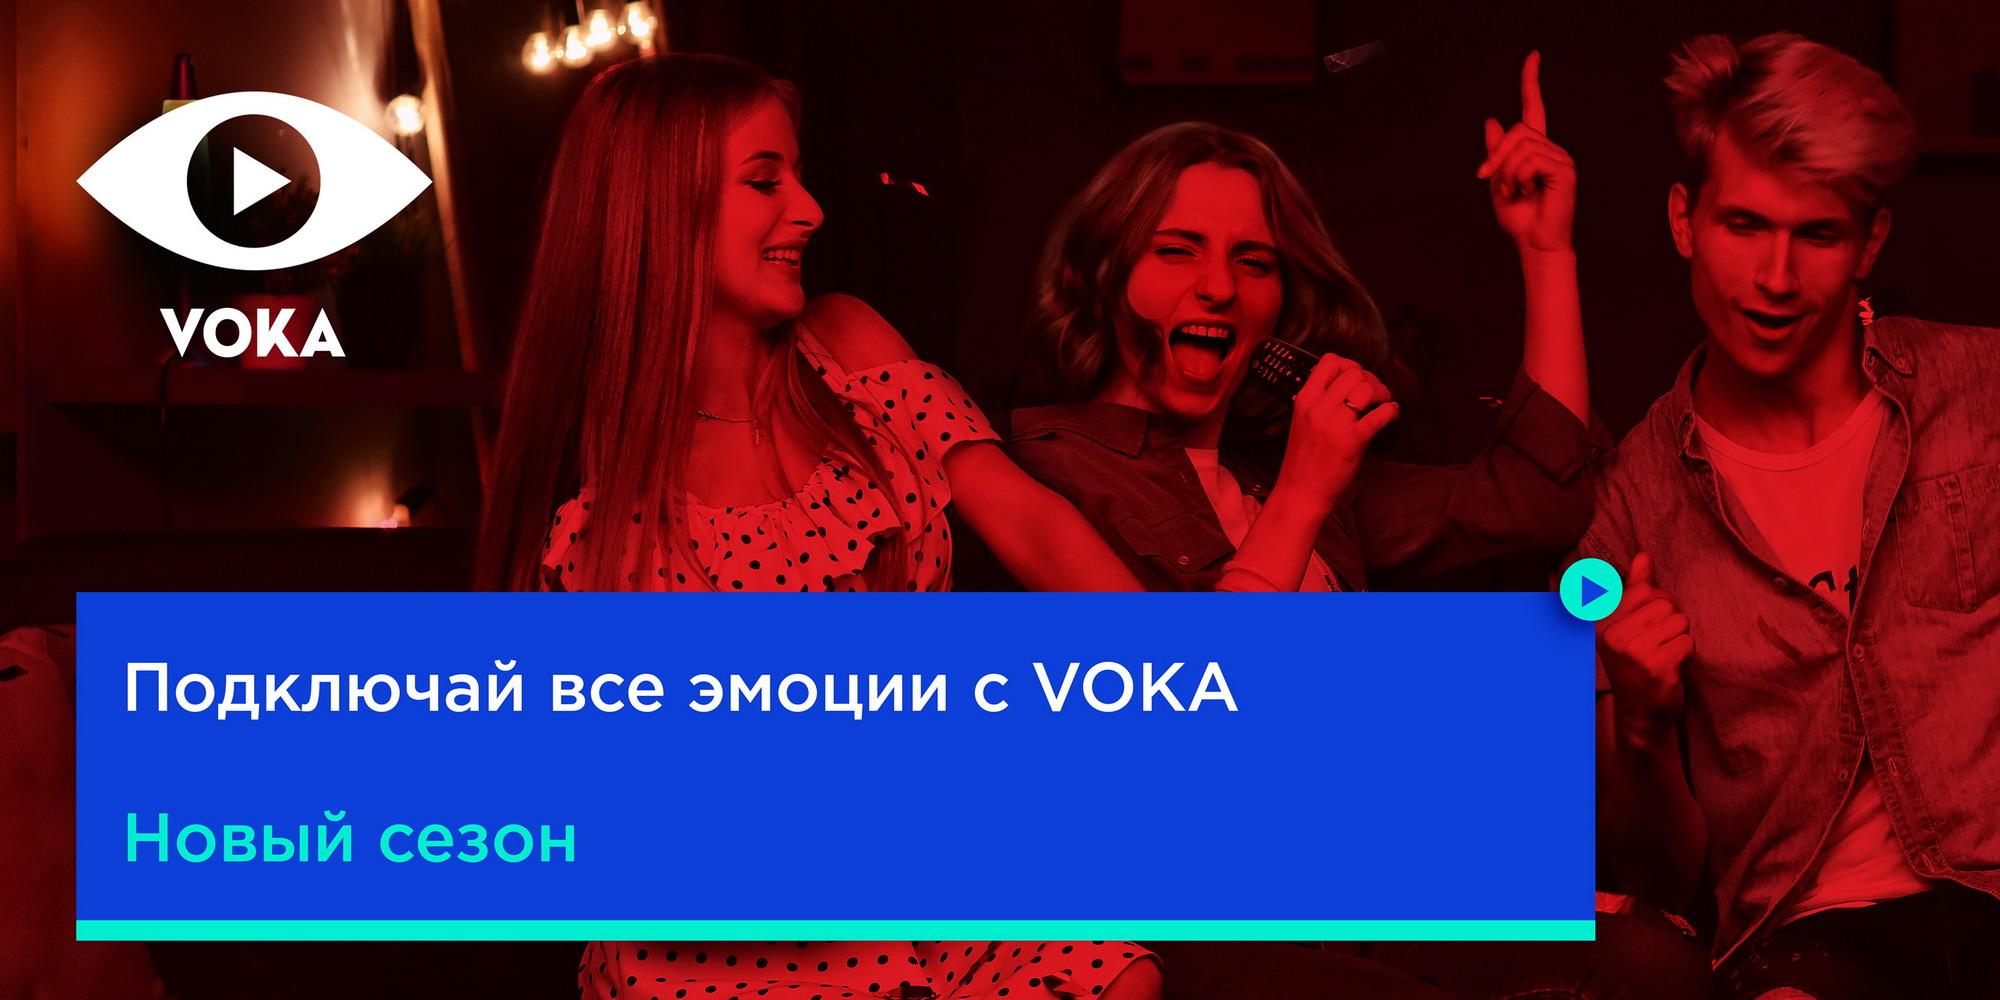 VOKA TV